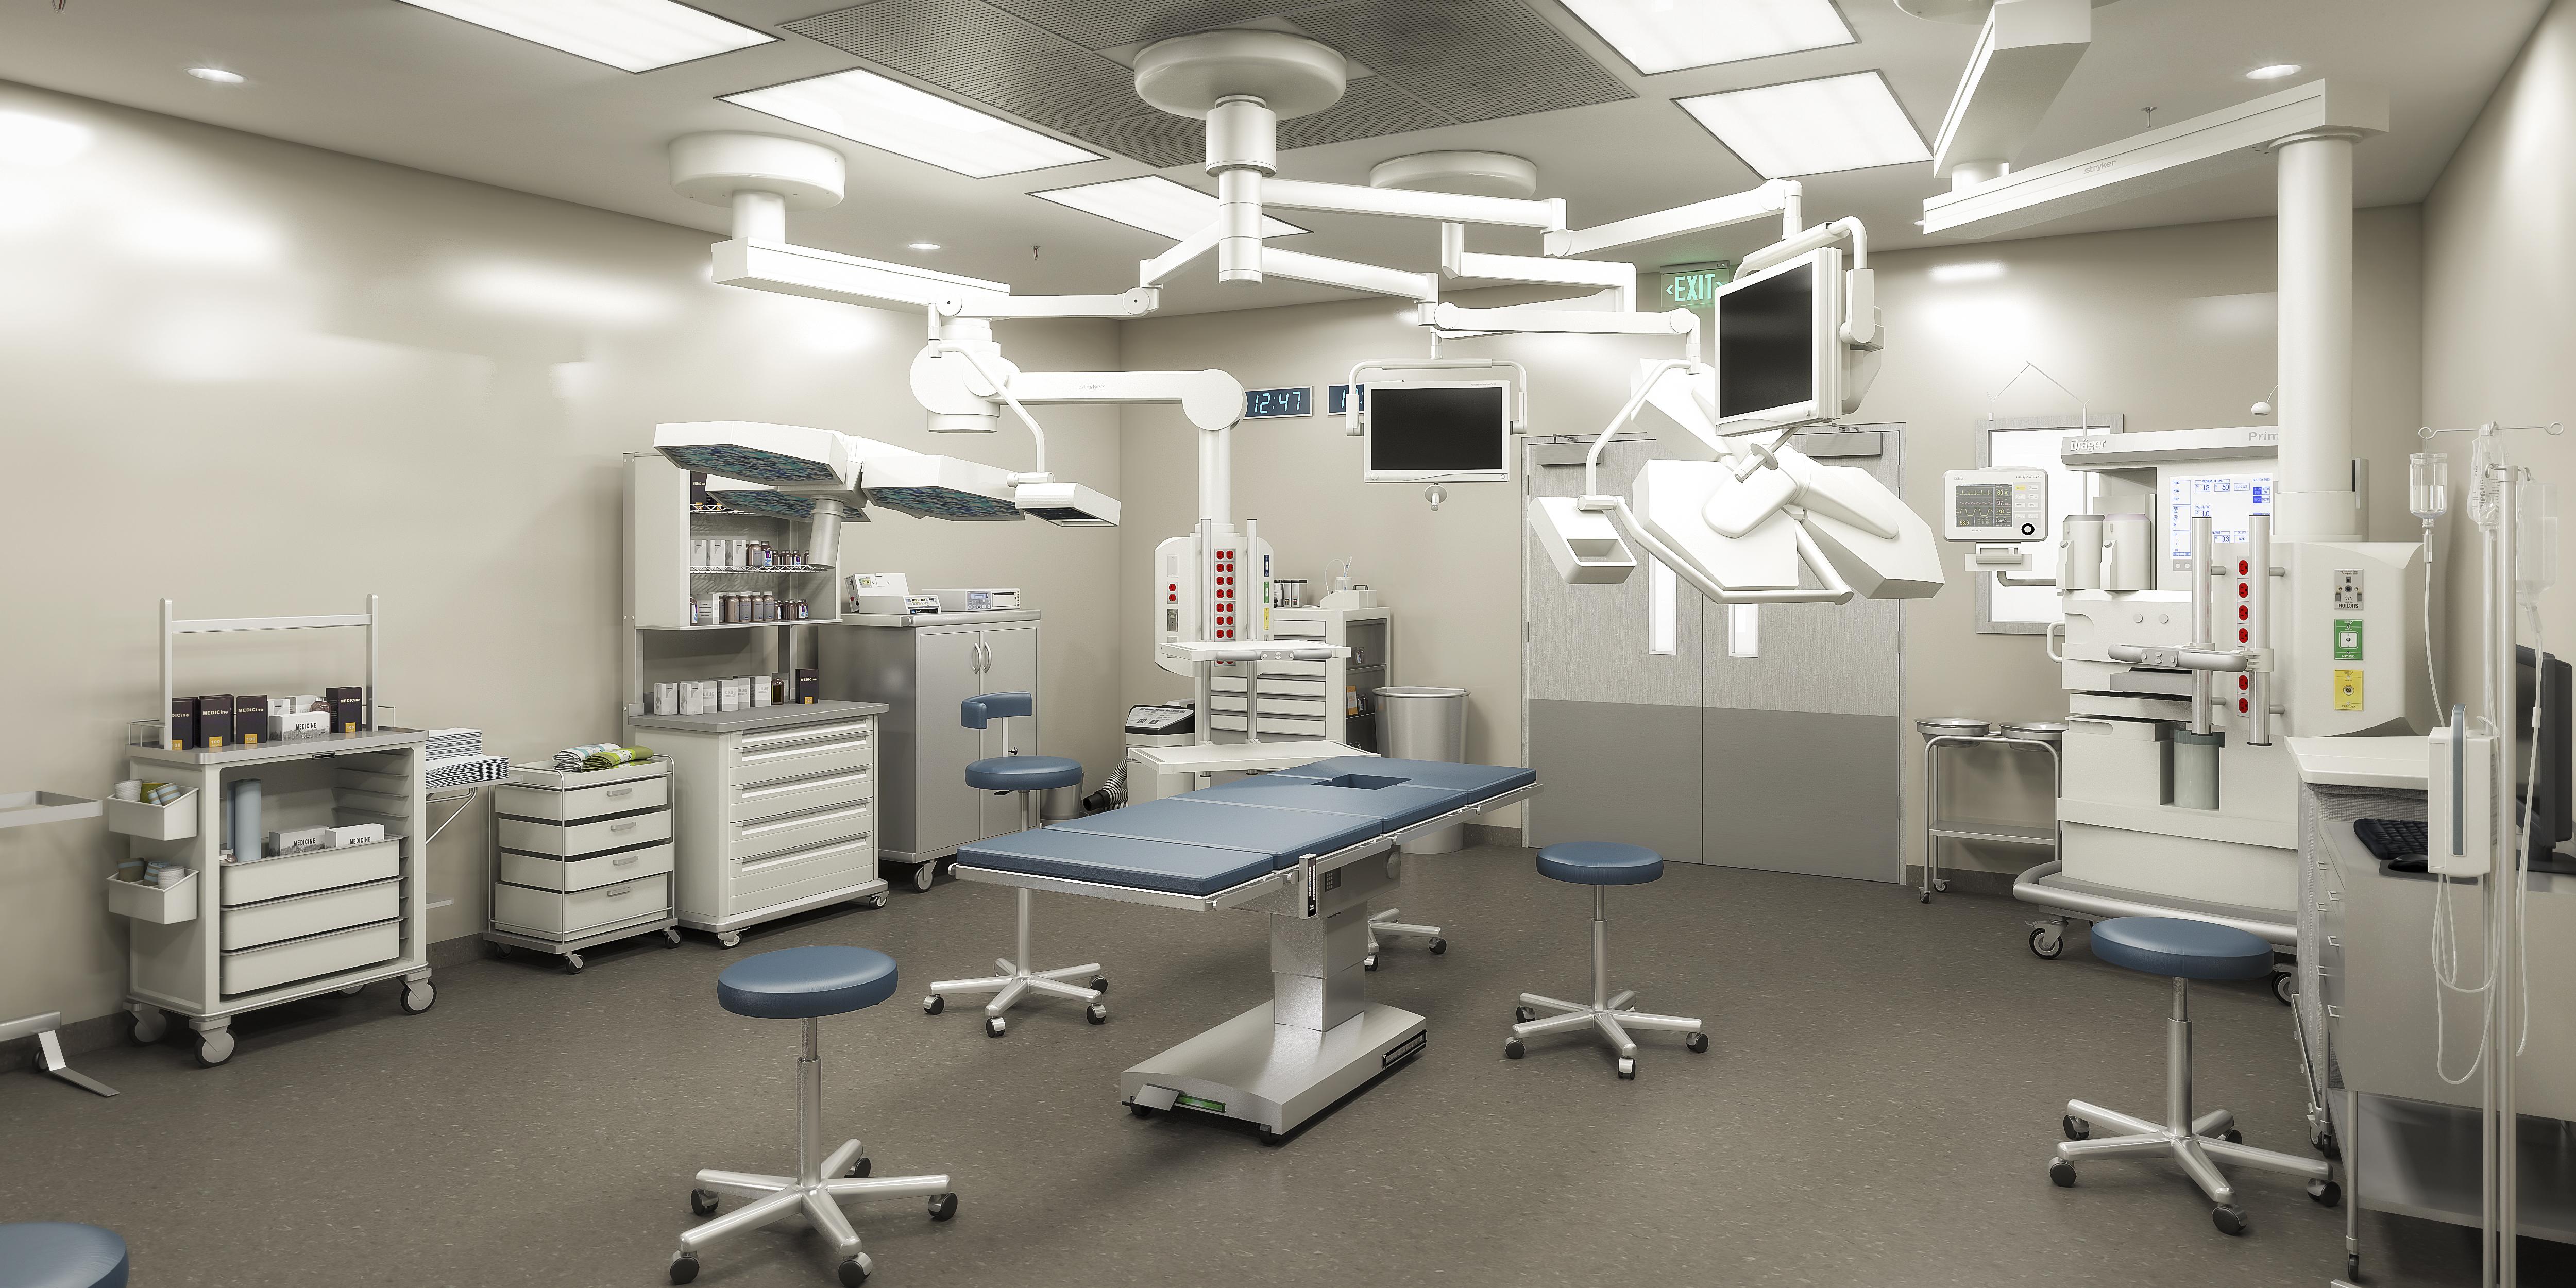 Hastane/Temiz Oda Difüzörleri arşivleri - 7671.2KB